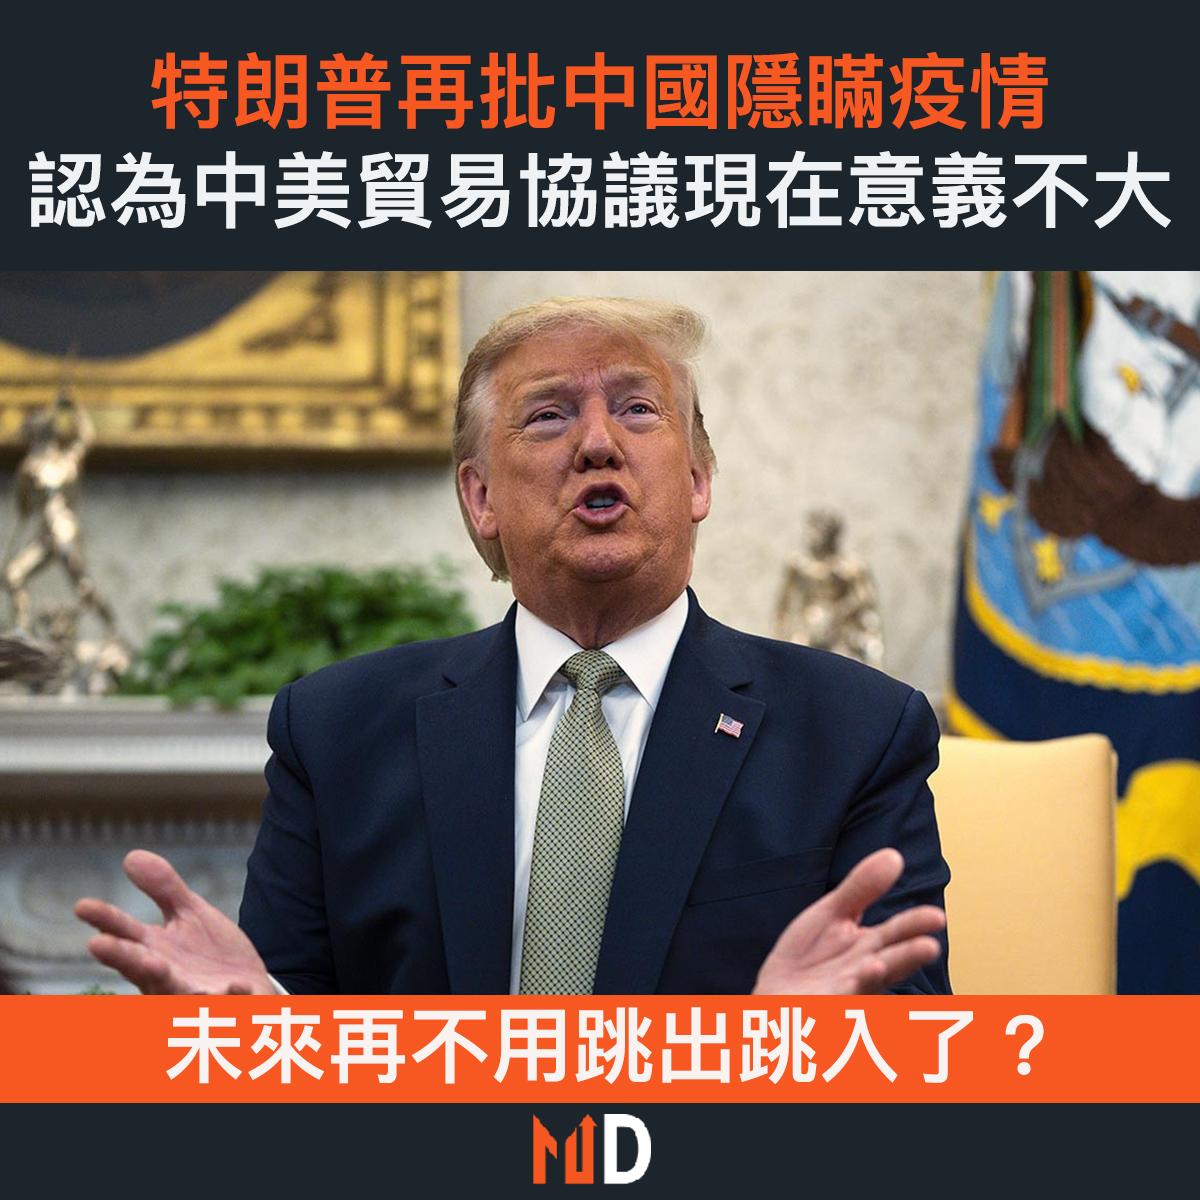 【市場熱話】特朗普再批中國隱瞞疫情,認為中美貿易協議現在意義不大